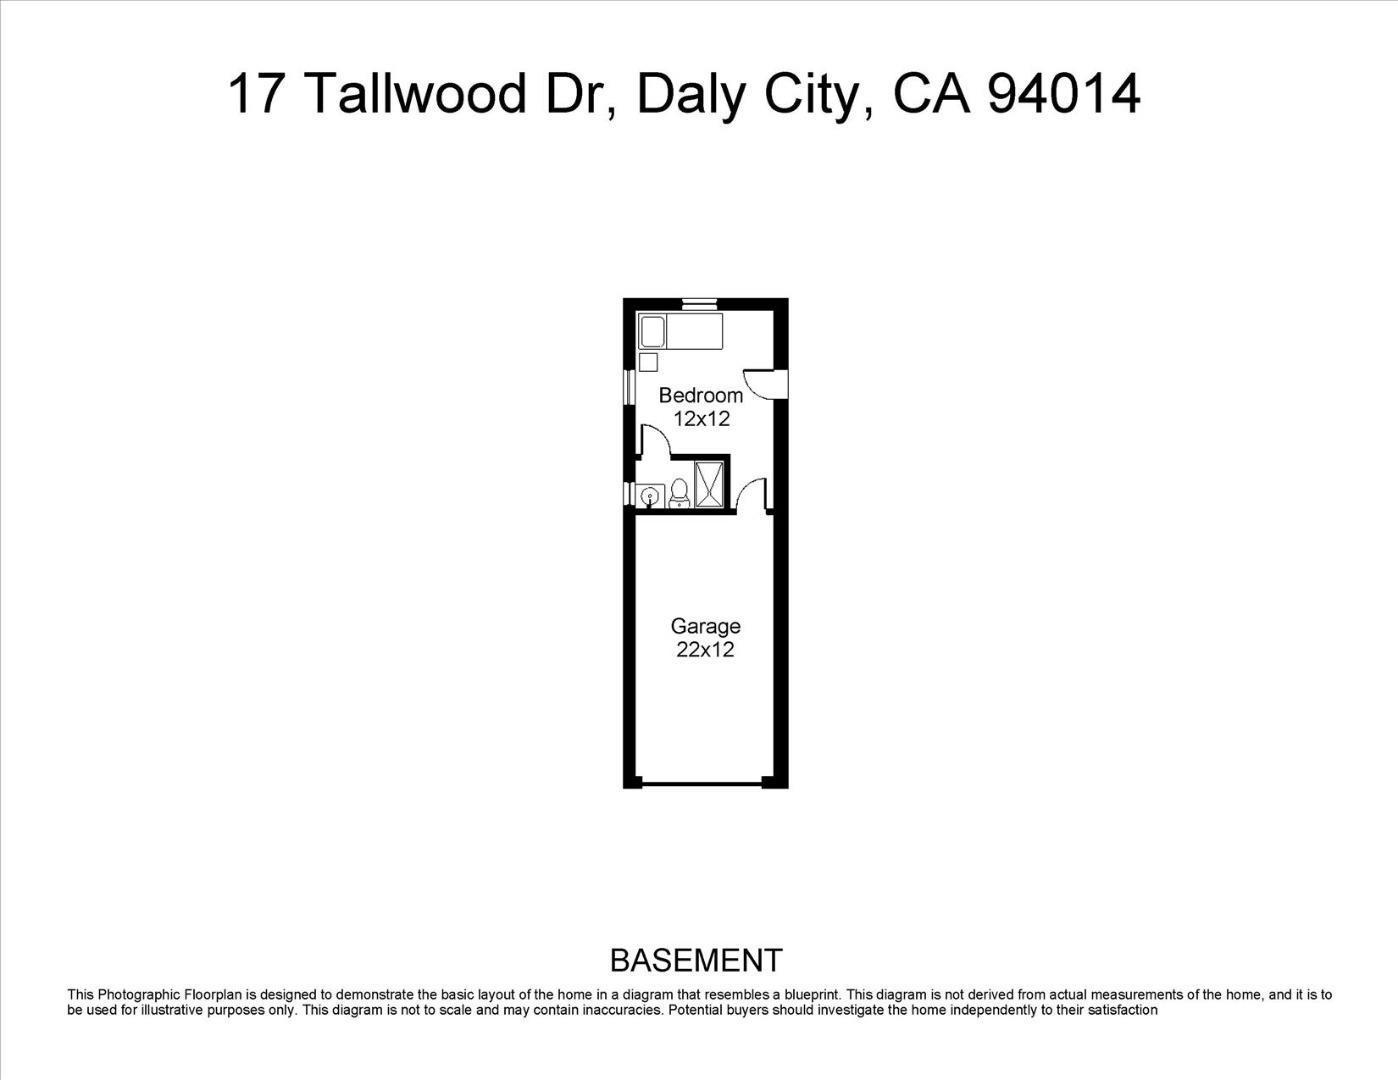 17 Tallwood DR